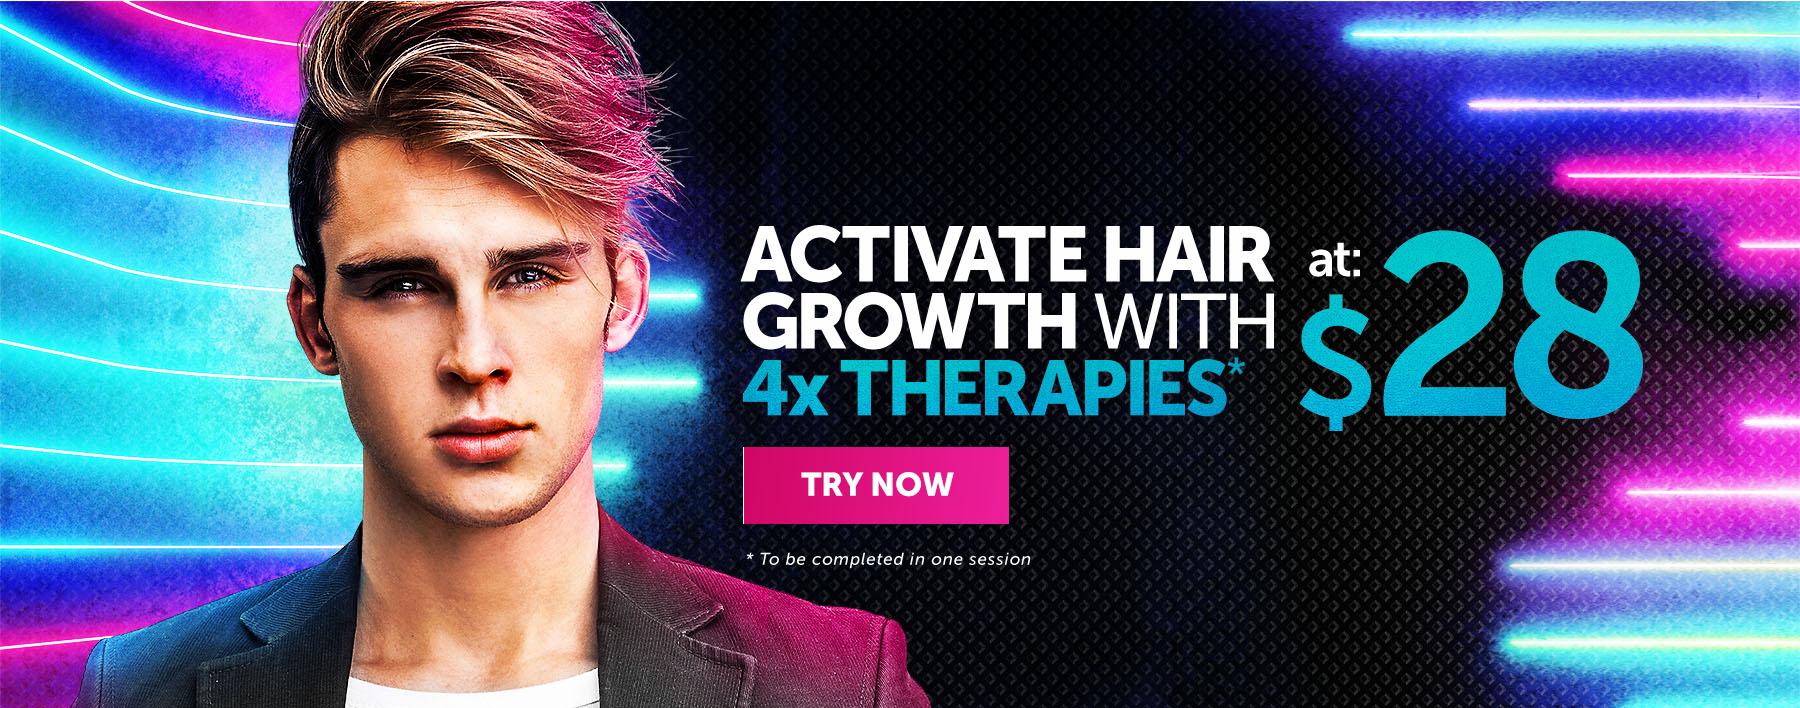 4 Hair Therapies at $28